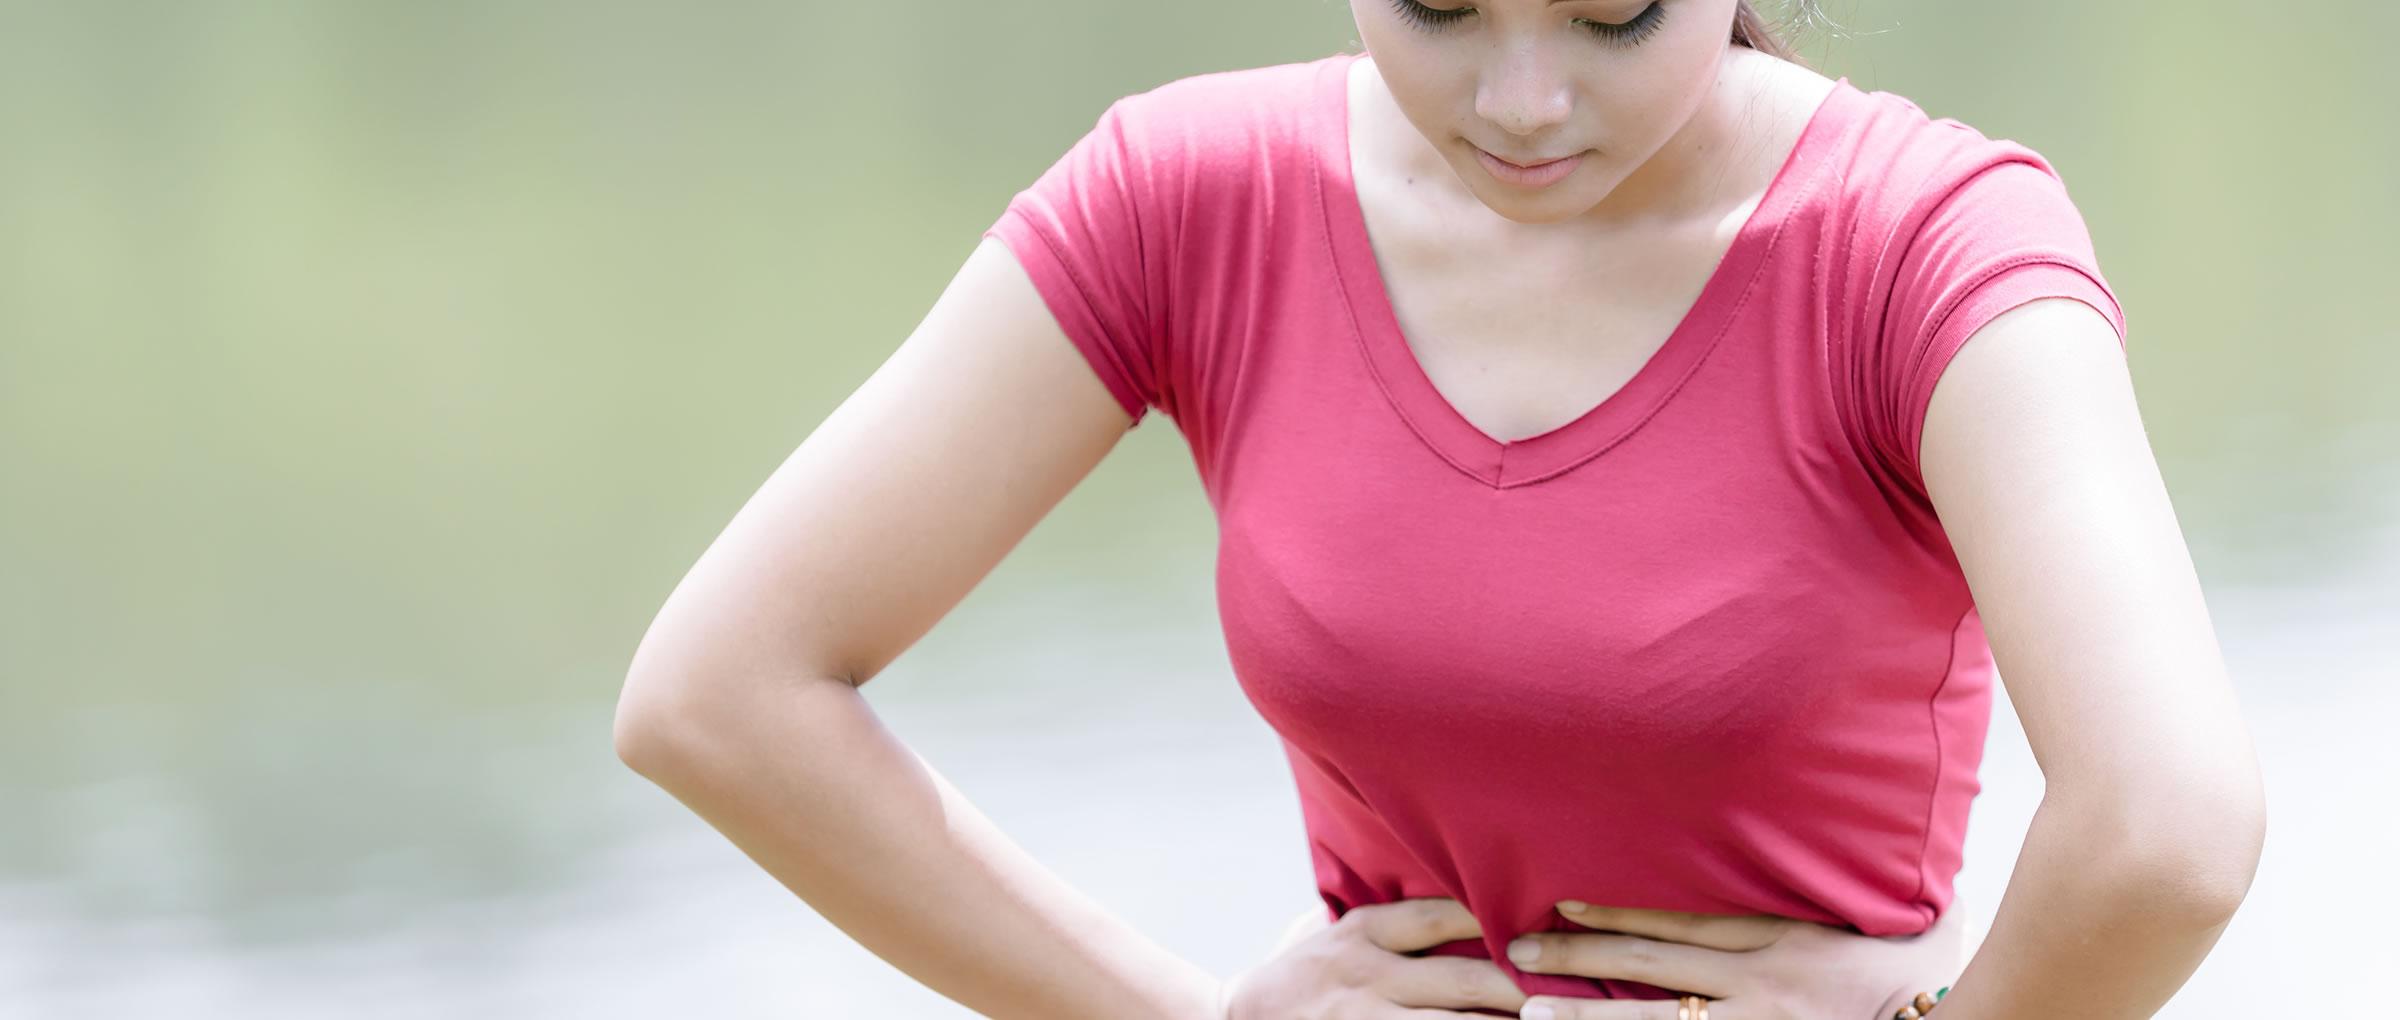 Invitamos a cuidar el sistema digestivo.